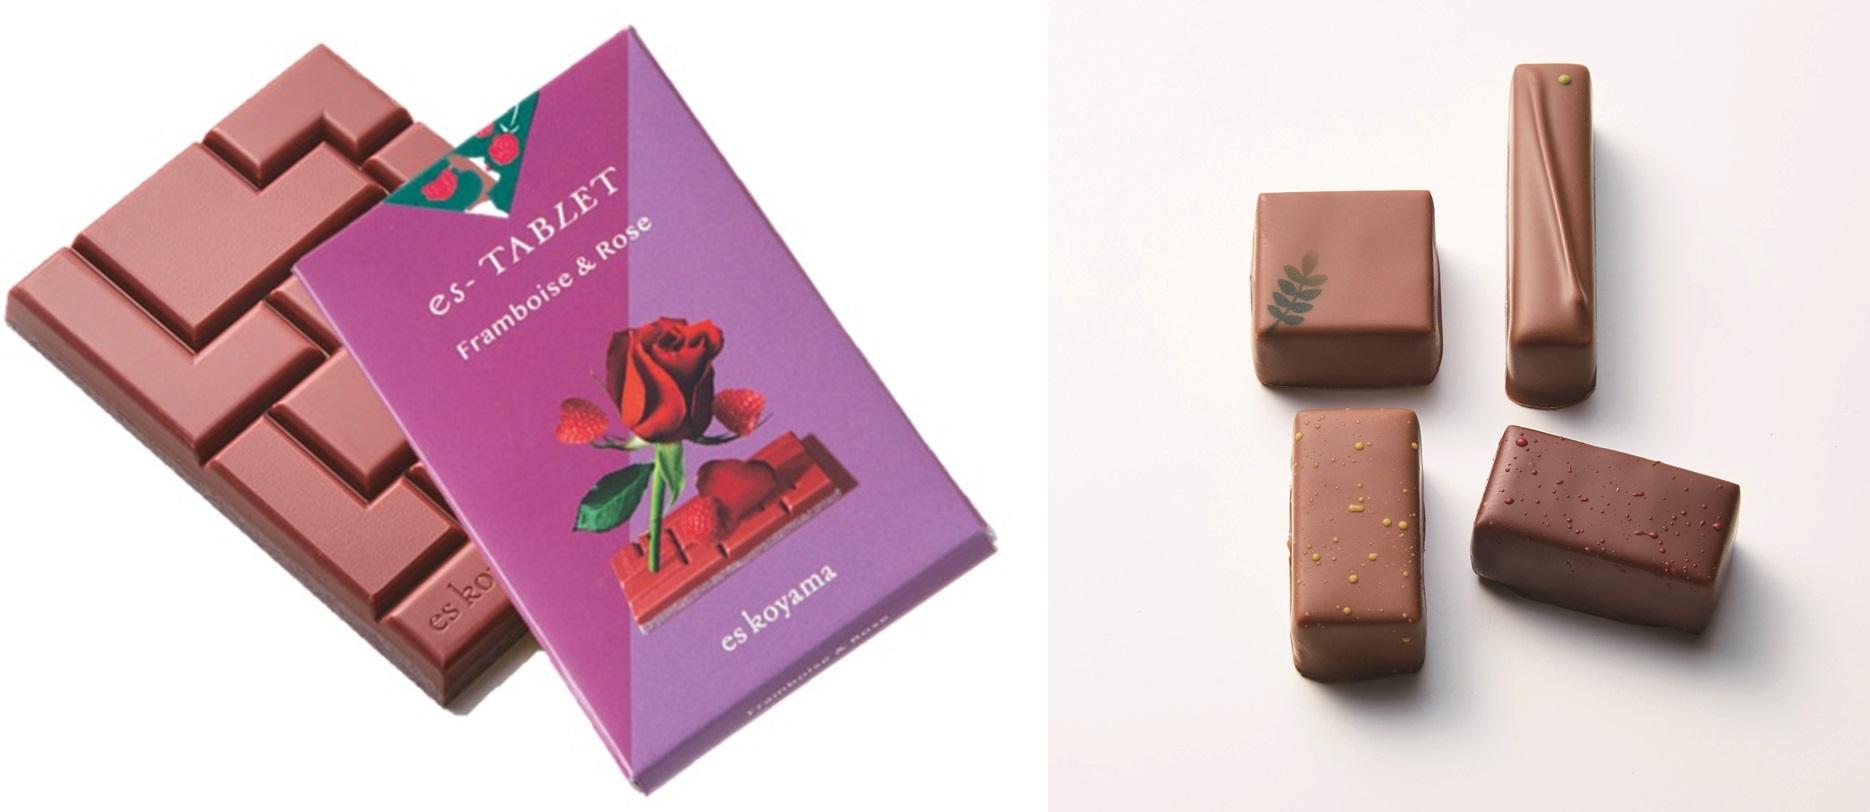 日本一のチョコレートの祭典「アムール デュ ショコラ」、2月14日まで開催!購入したおすすめ商品もご紹介 - 5